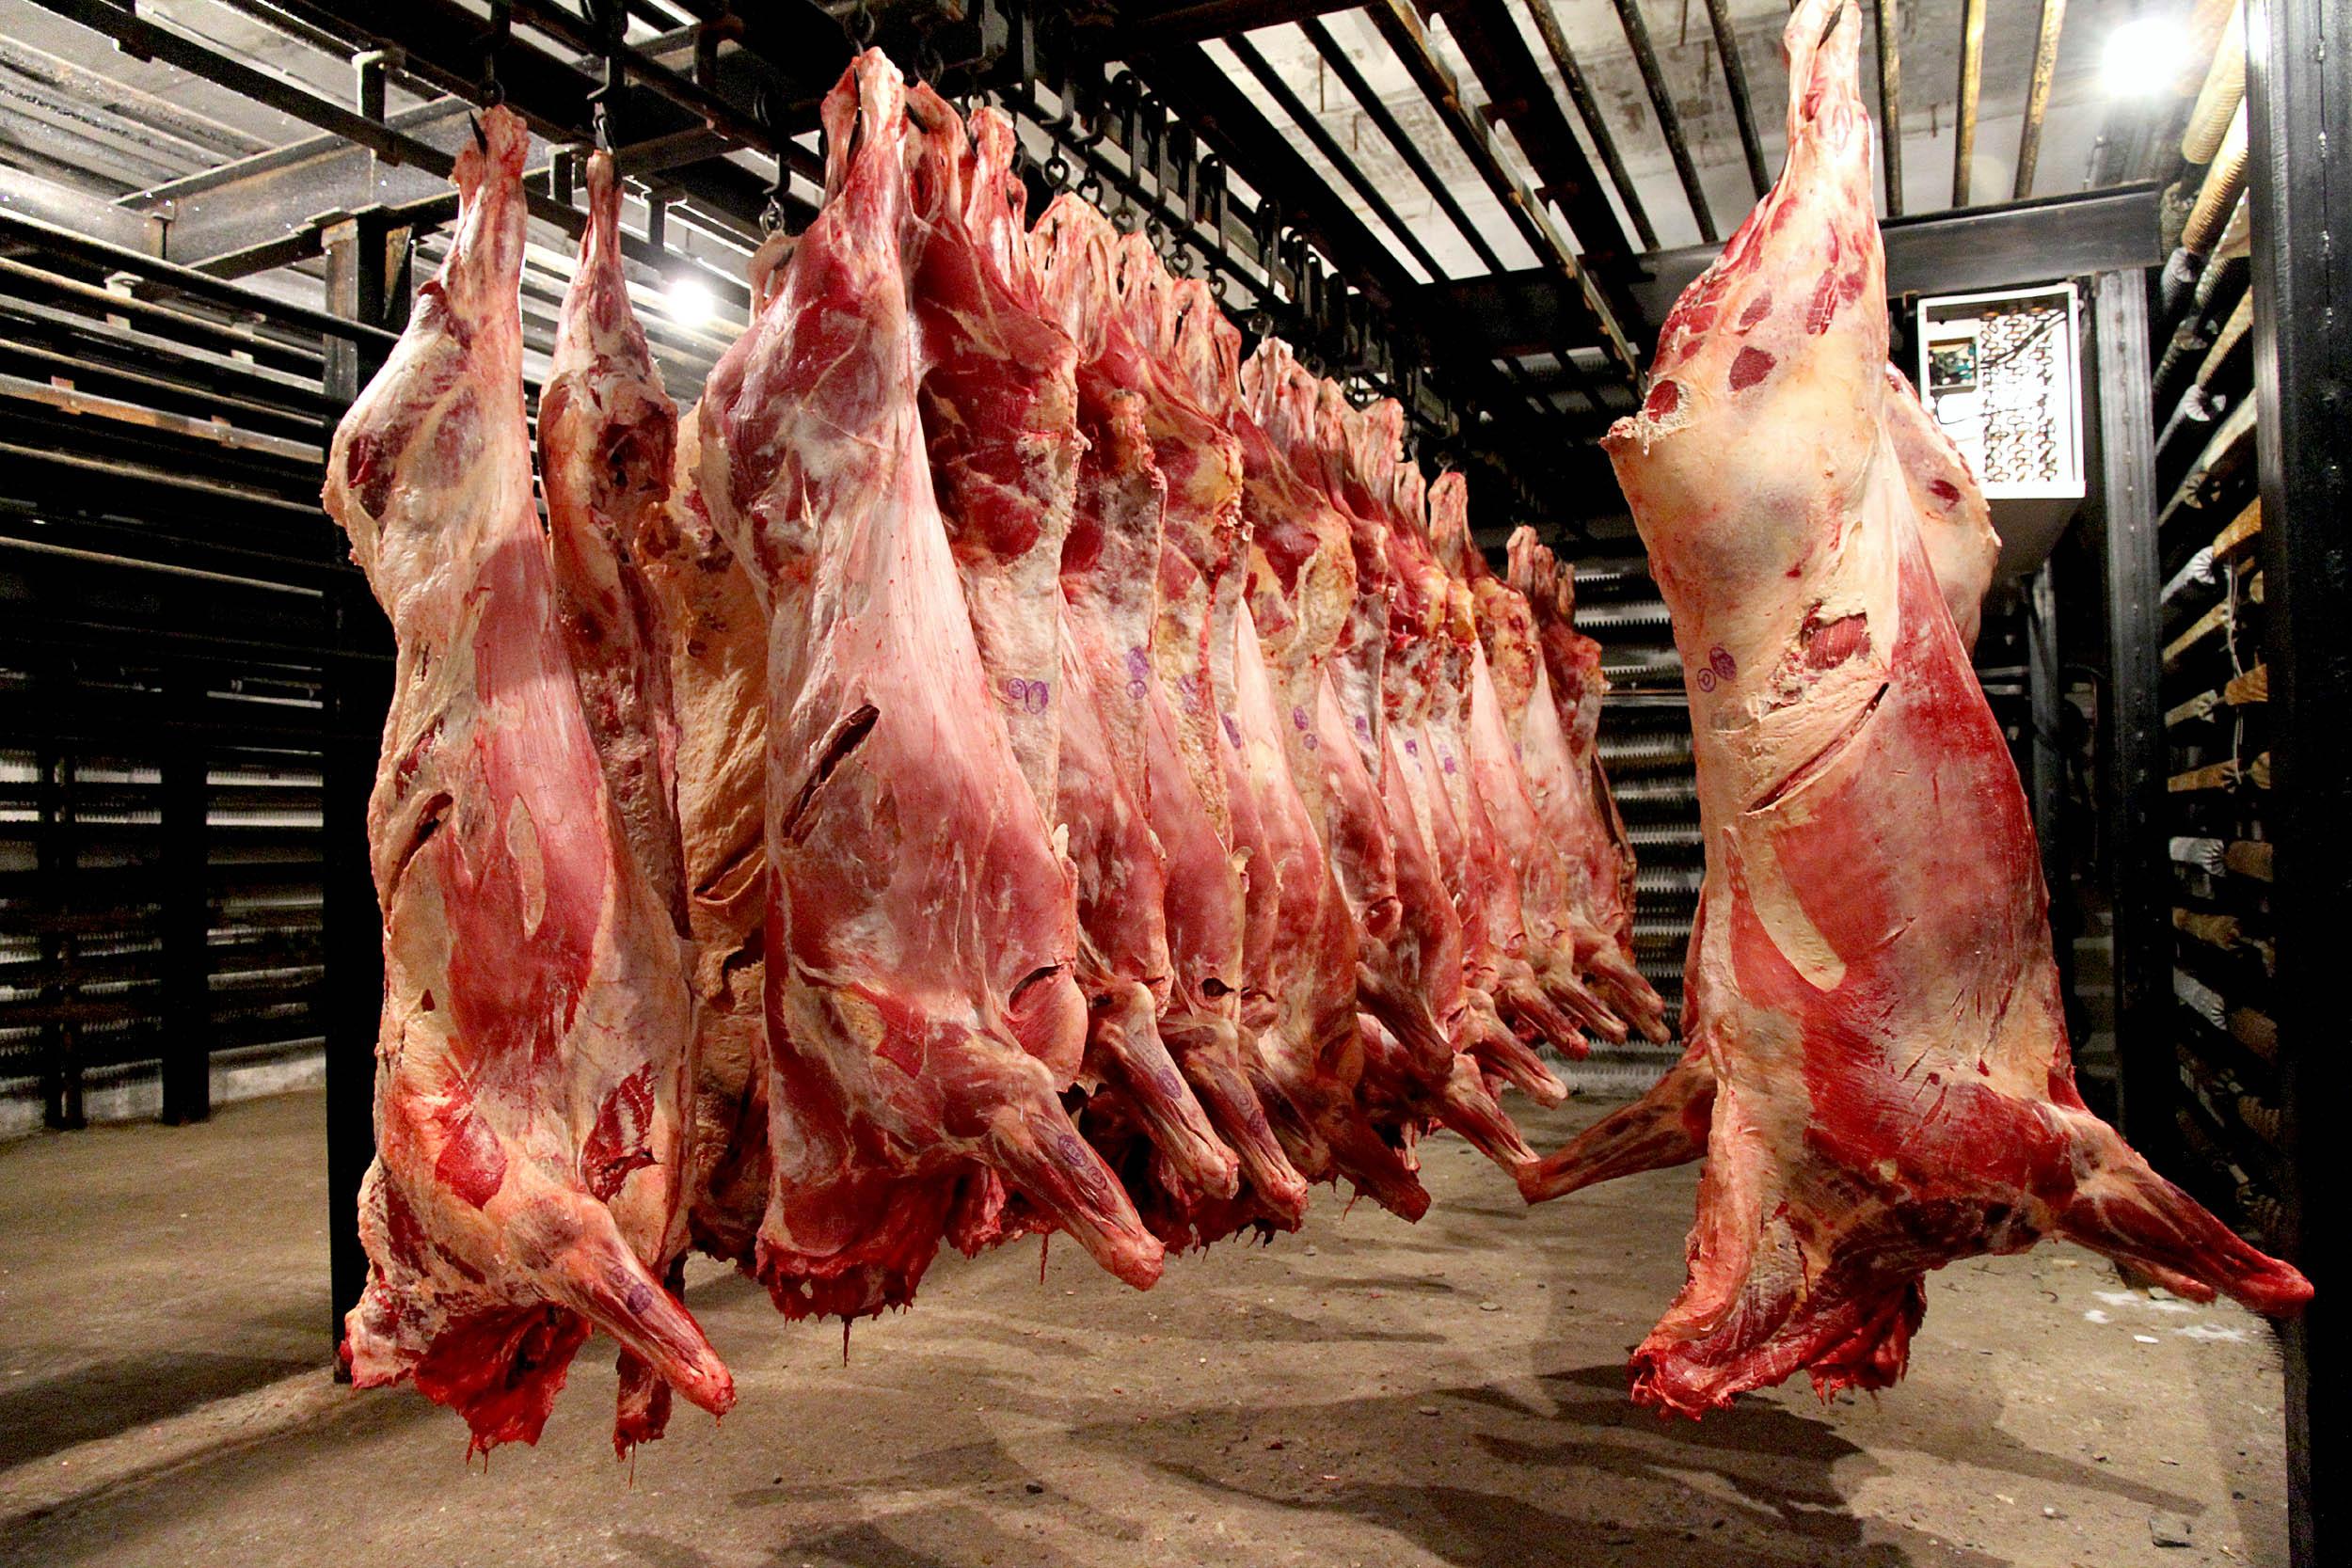 лечилась врачей-психотерапевтов крупный рогатого скота мясо апоцет сне думала